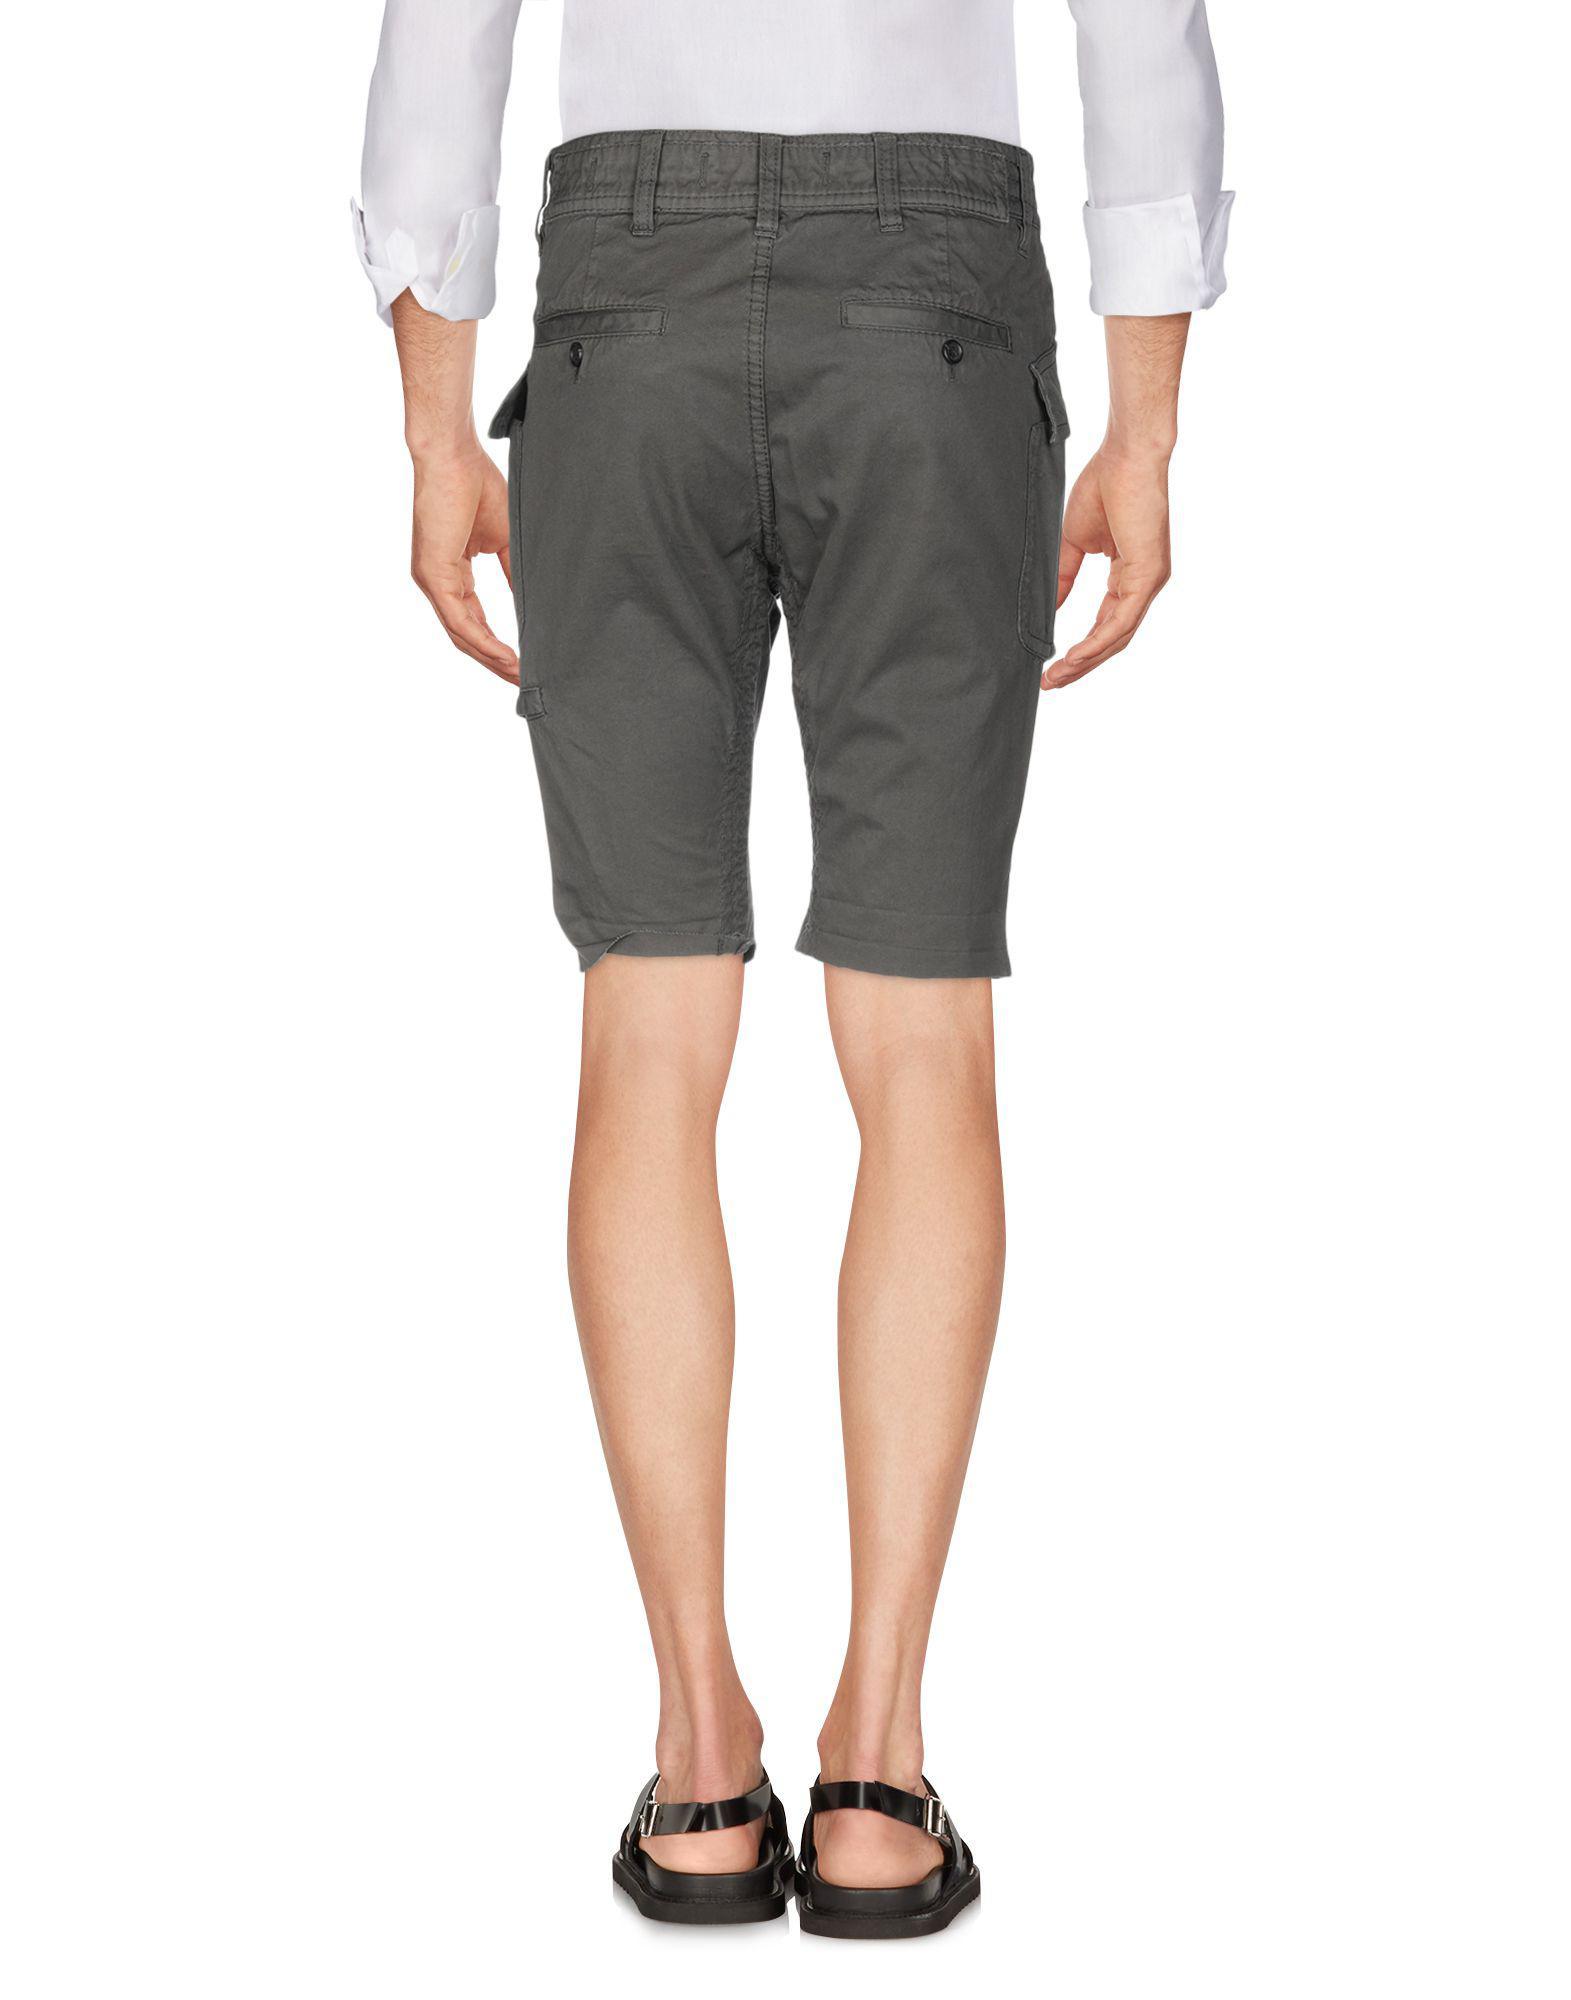 99a568411a2 gazzarrini-Grey-Bermuda-Shorts.jpeg